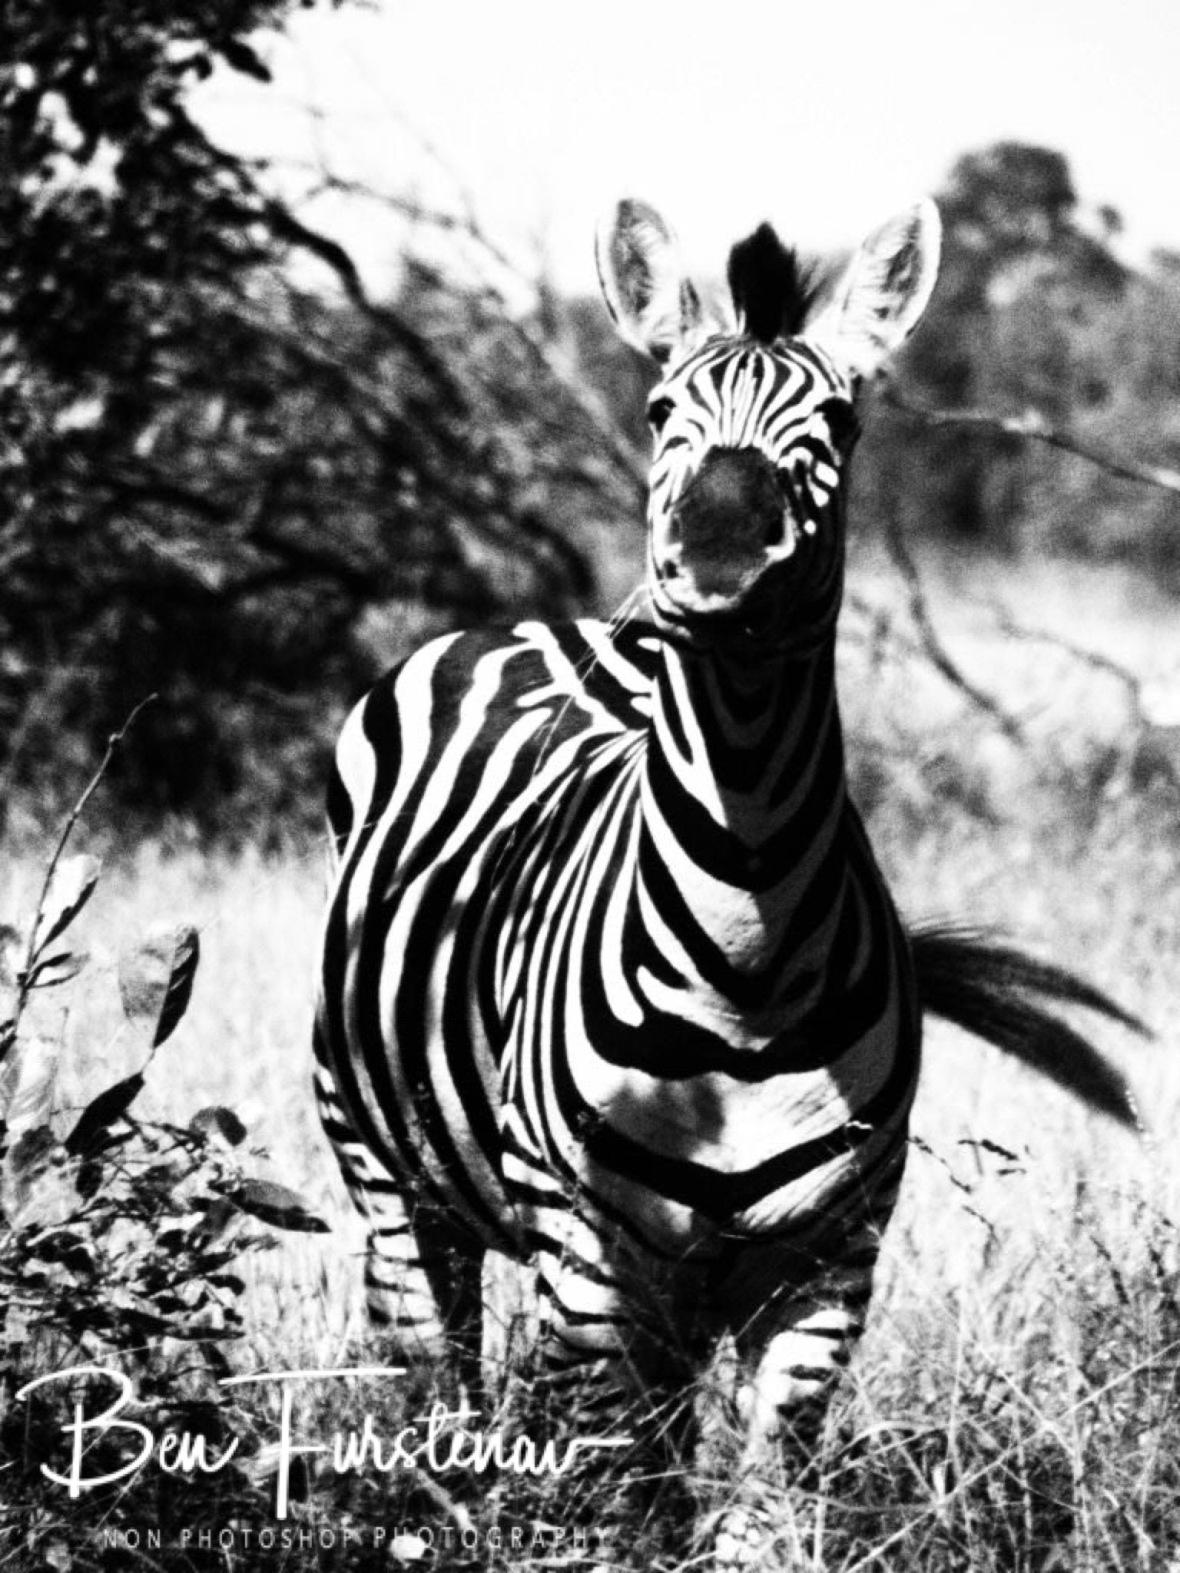 Ha ha, that's not a zebra, Kruger National Park